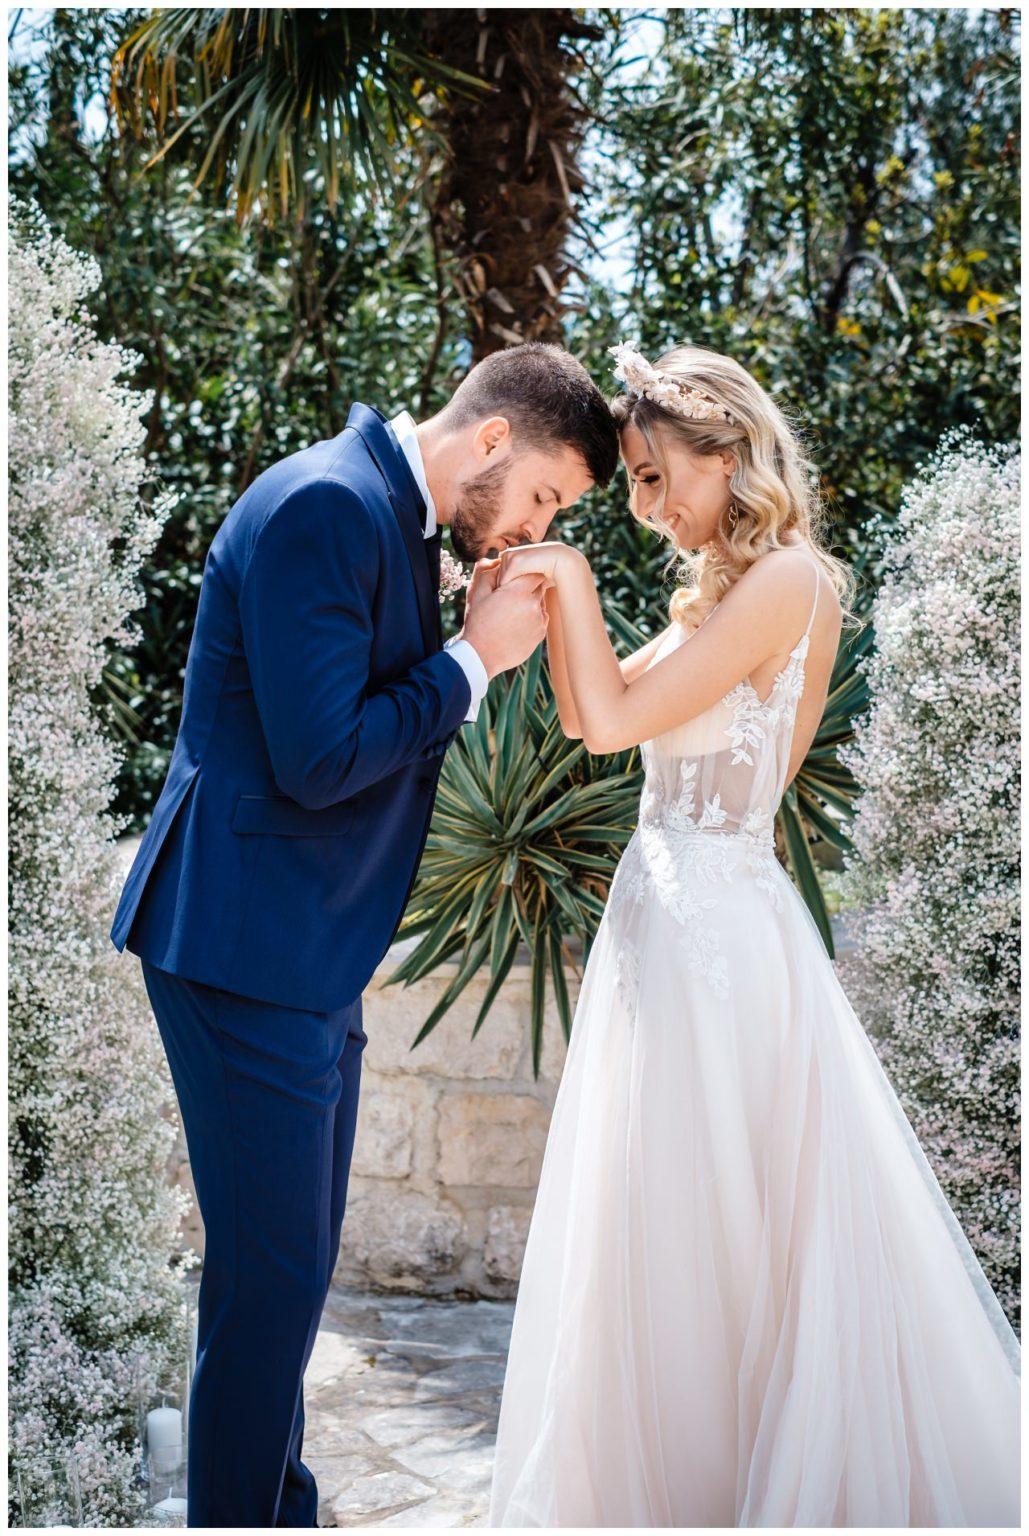 Hochzeit Villa Kroatien Hochzeitsplanung Fotograf 13 - Romantische Hochzeit in einer Villa